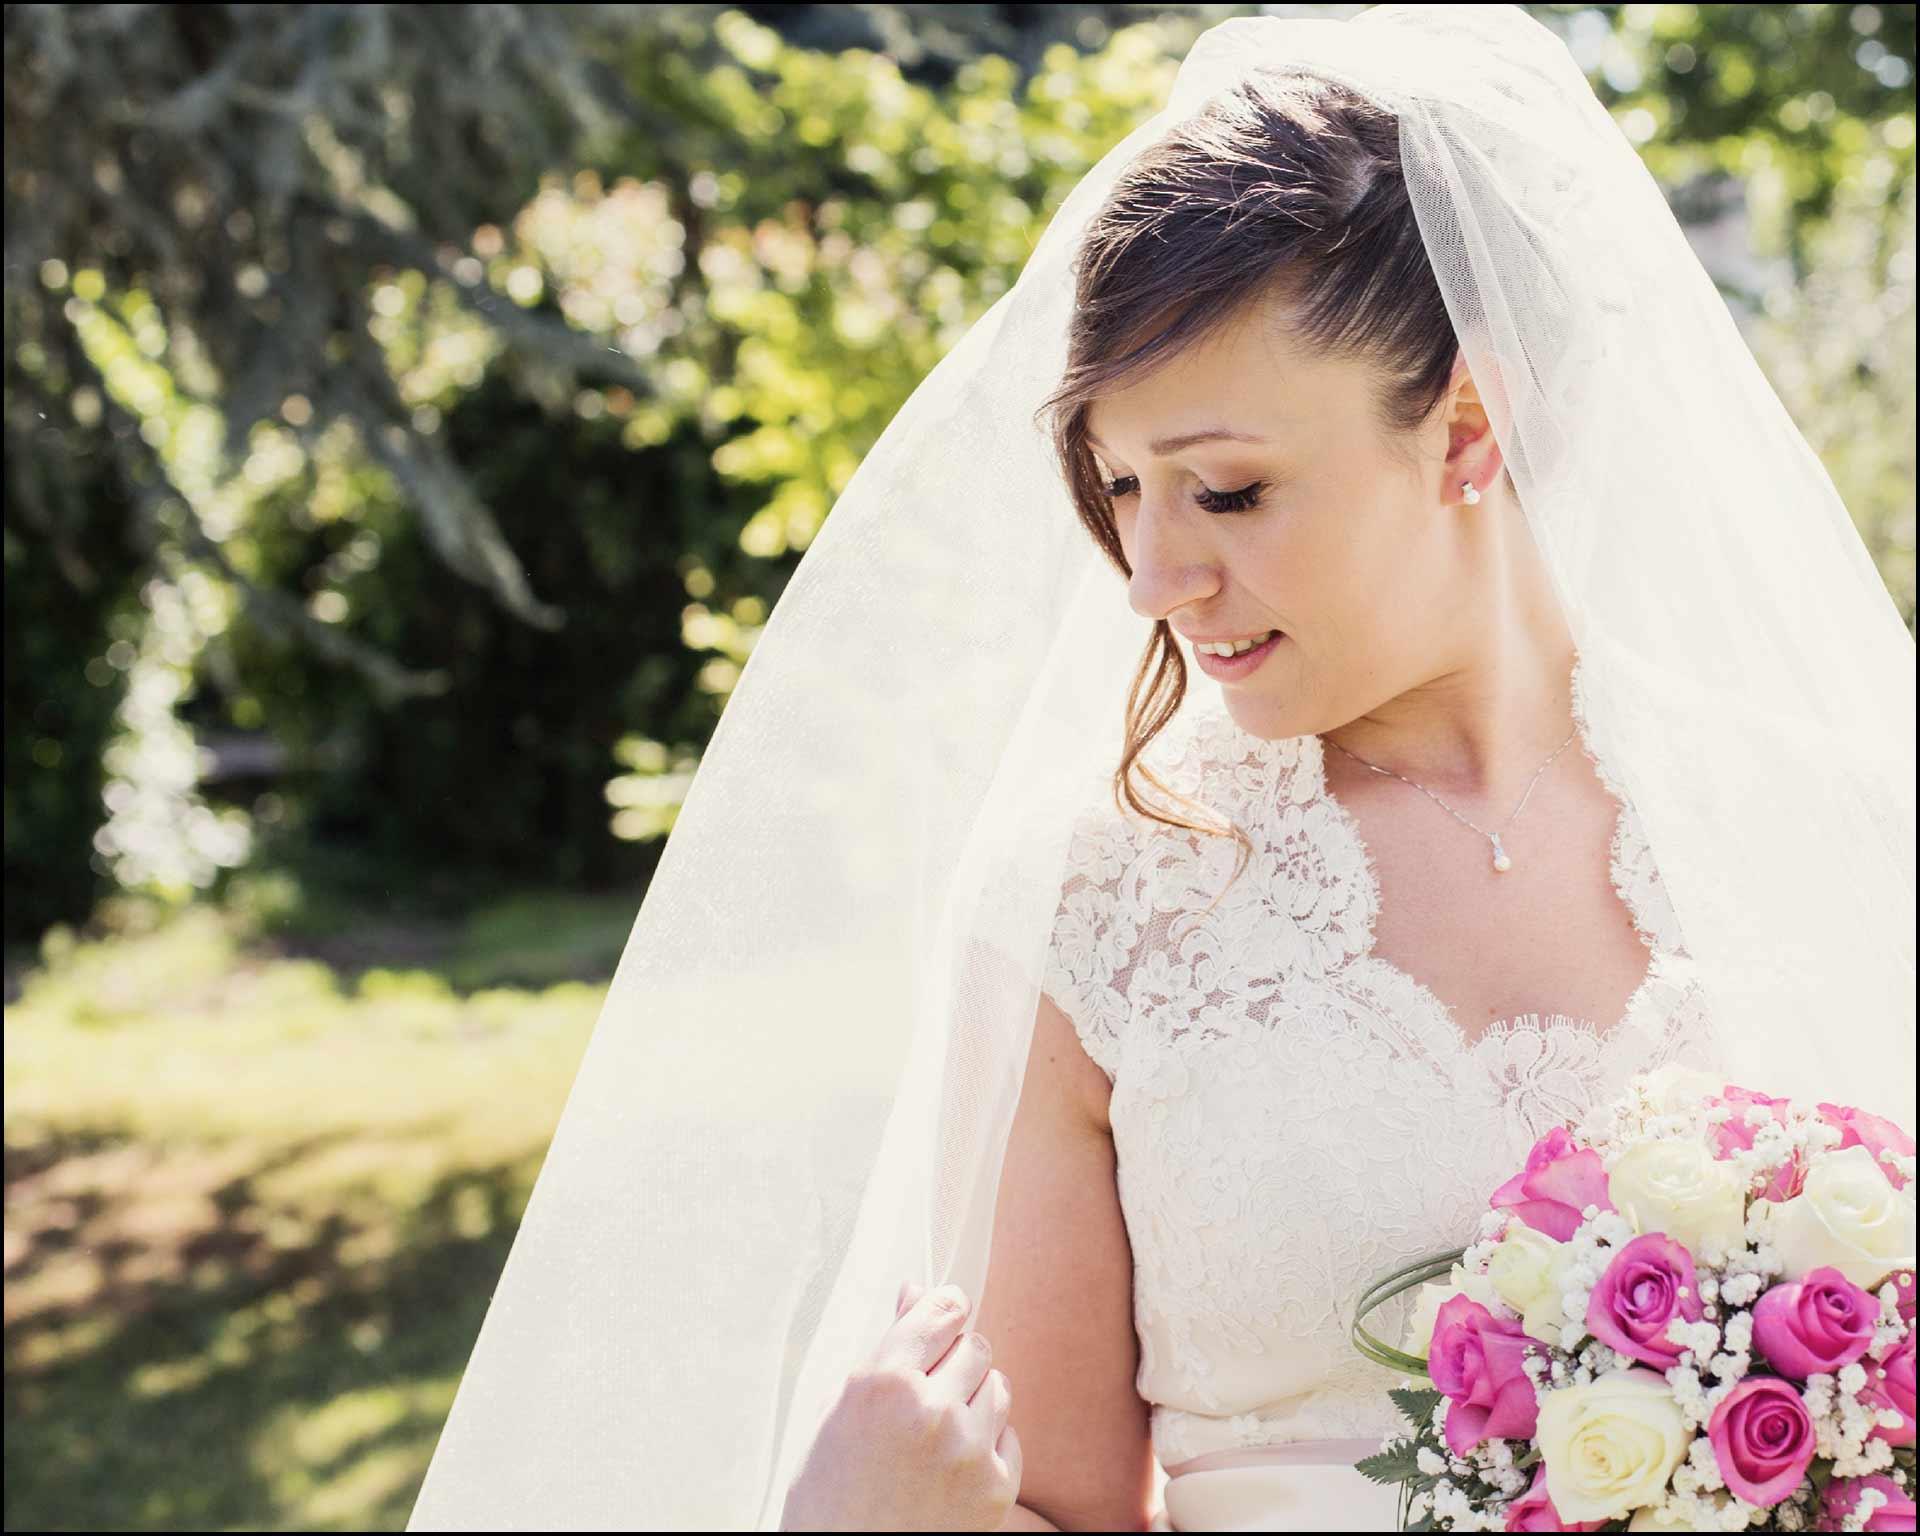 Foto di Elisa, la sposa e il suo vestito